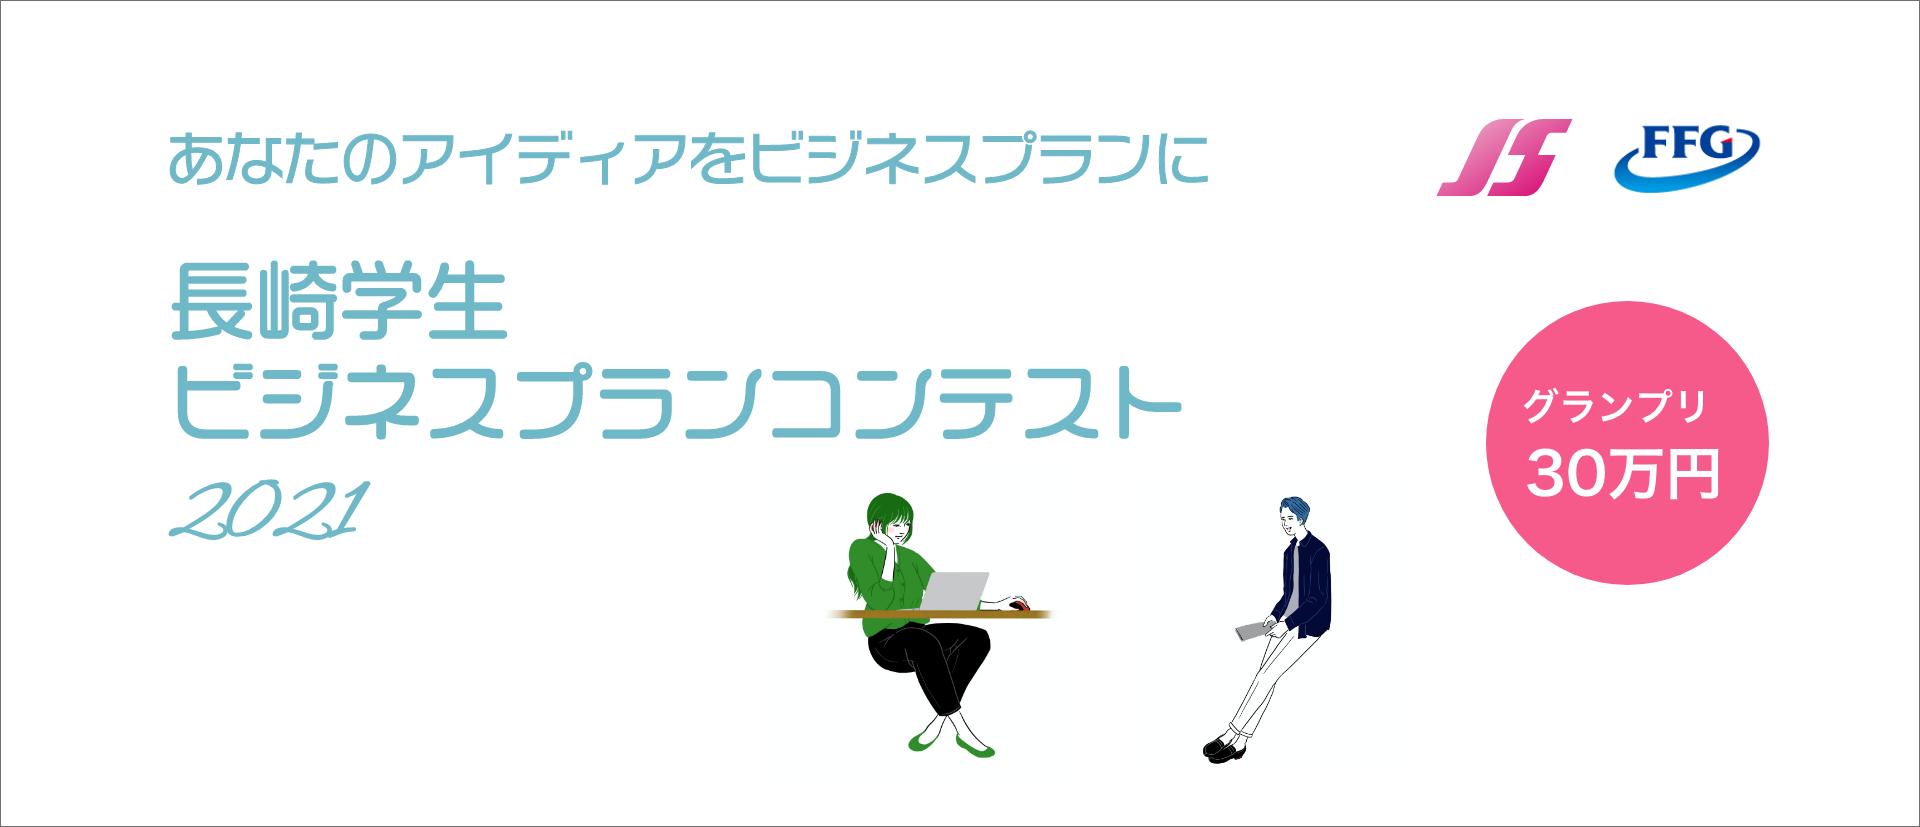 長崎学生ビジネスプランコンテスト